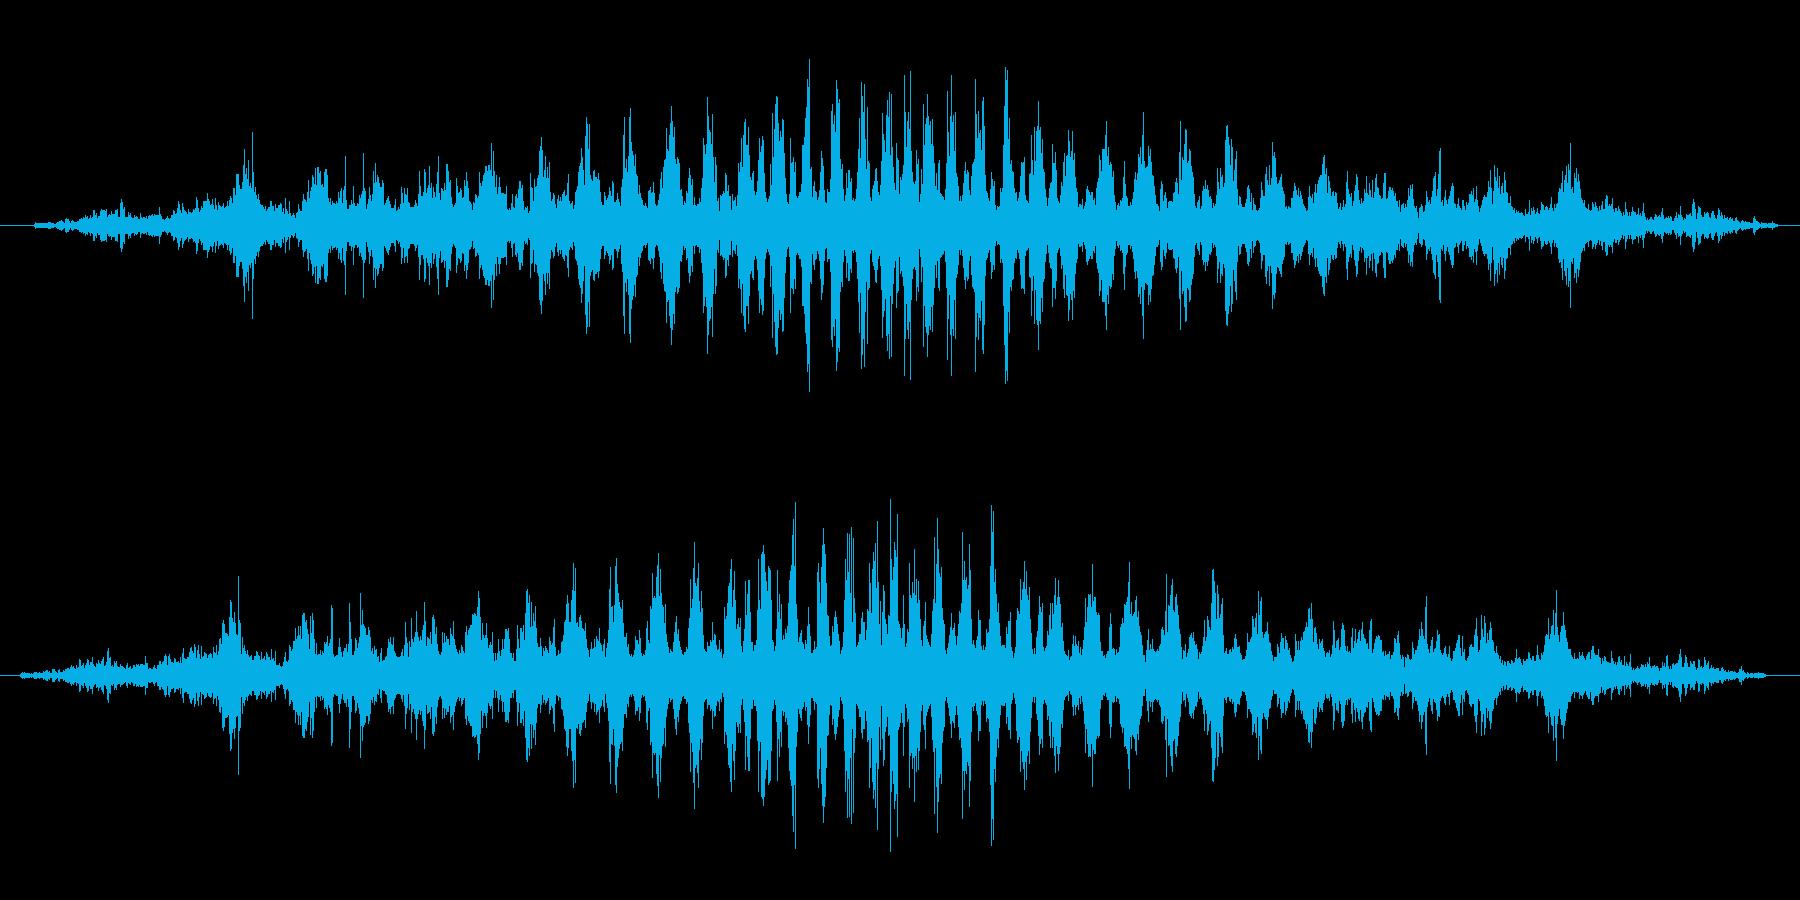 シュワシュワ(回転音)の再生済みの波形